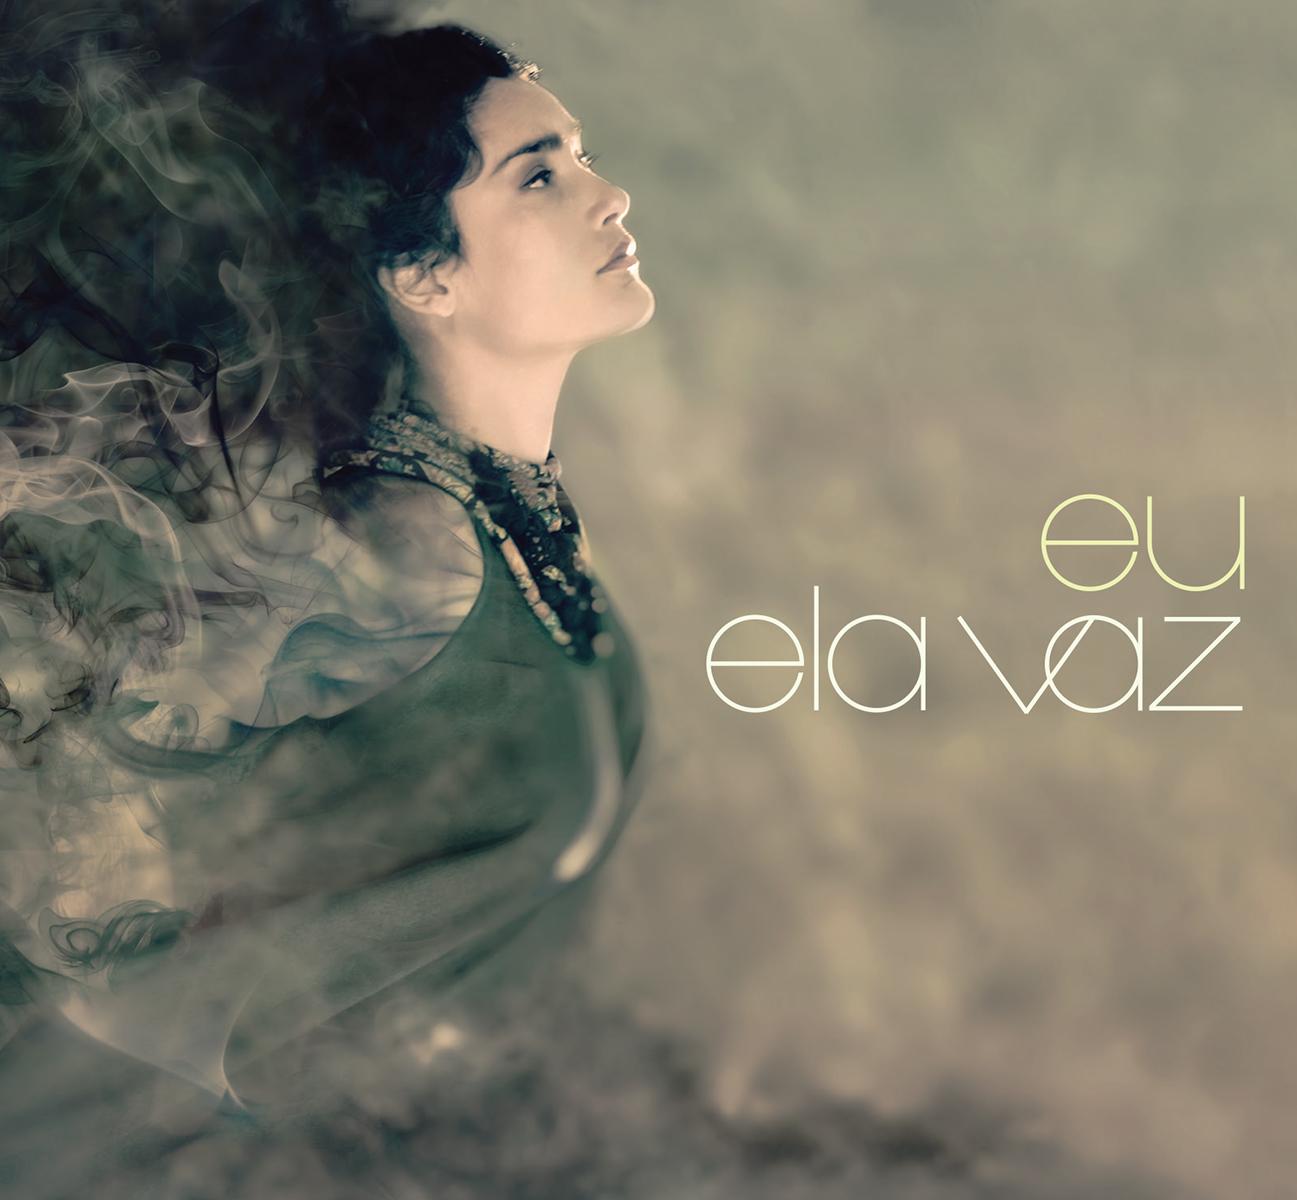 Ela Vaz - capa disco - bx res - foto Paulo Moreira (Naked Fotografia) composição imagem Vitor Enes